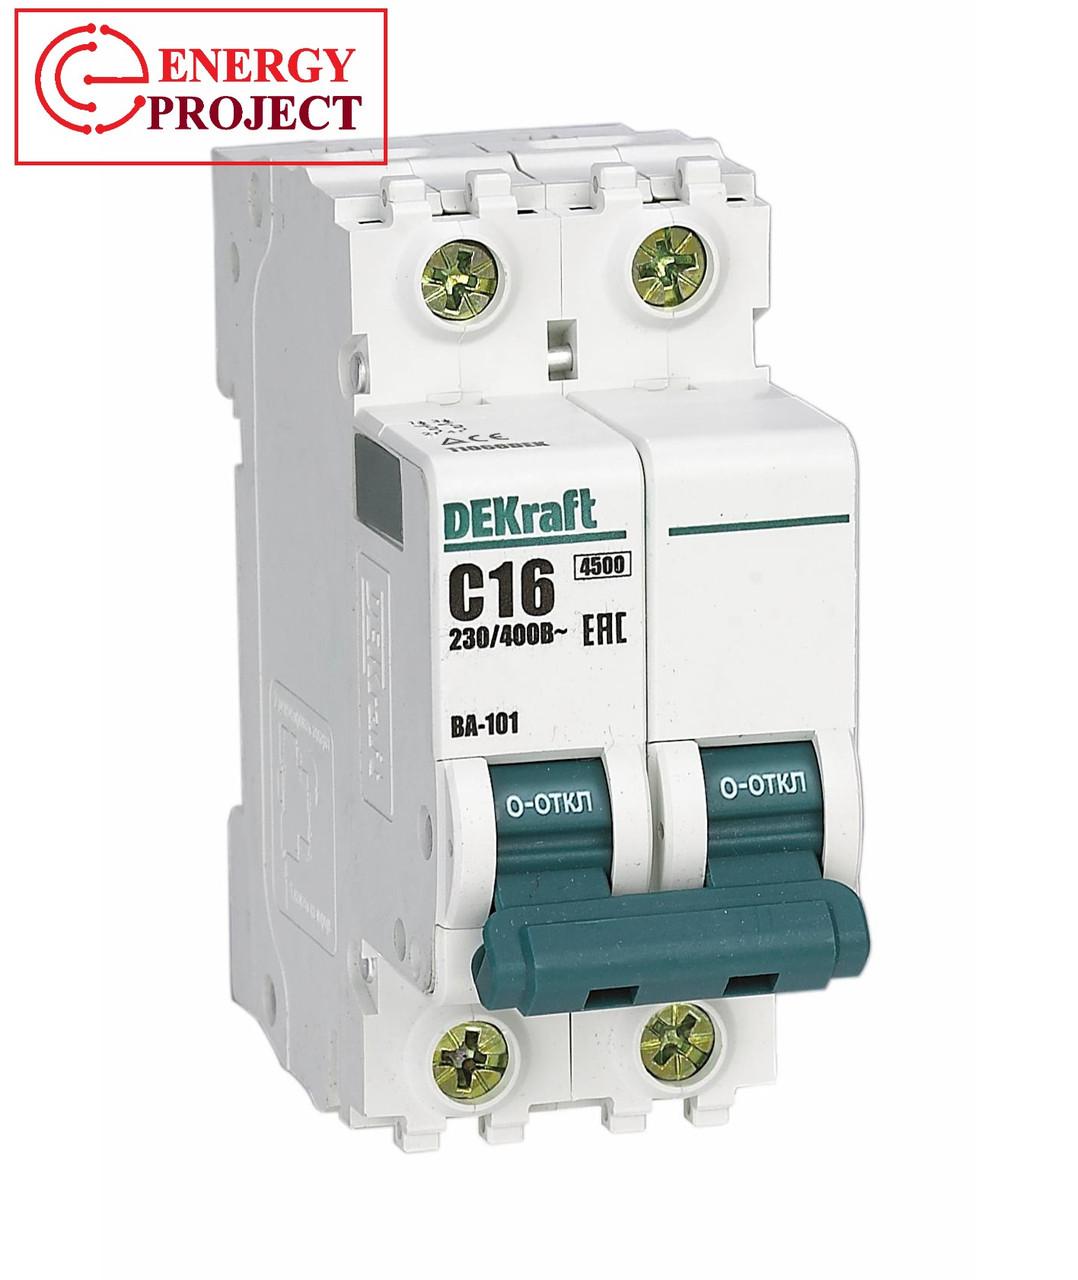 Автоматический выключатель ВА 101 1П 3А(114) Dekraft